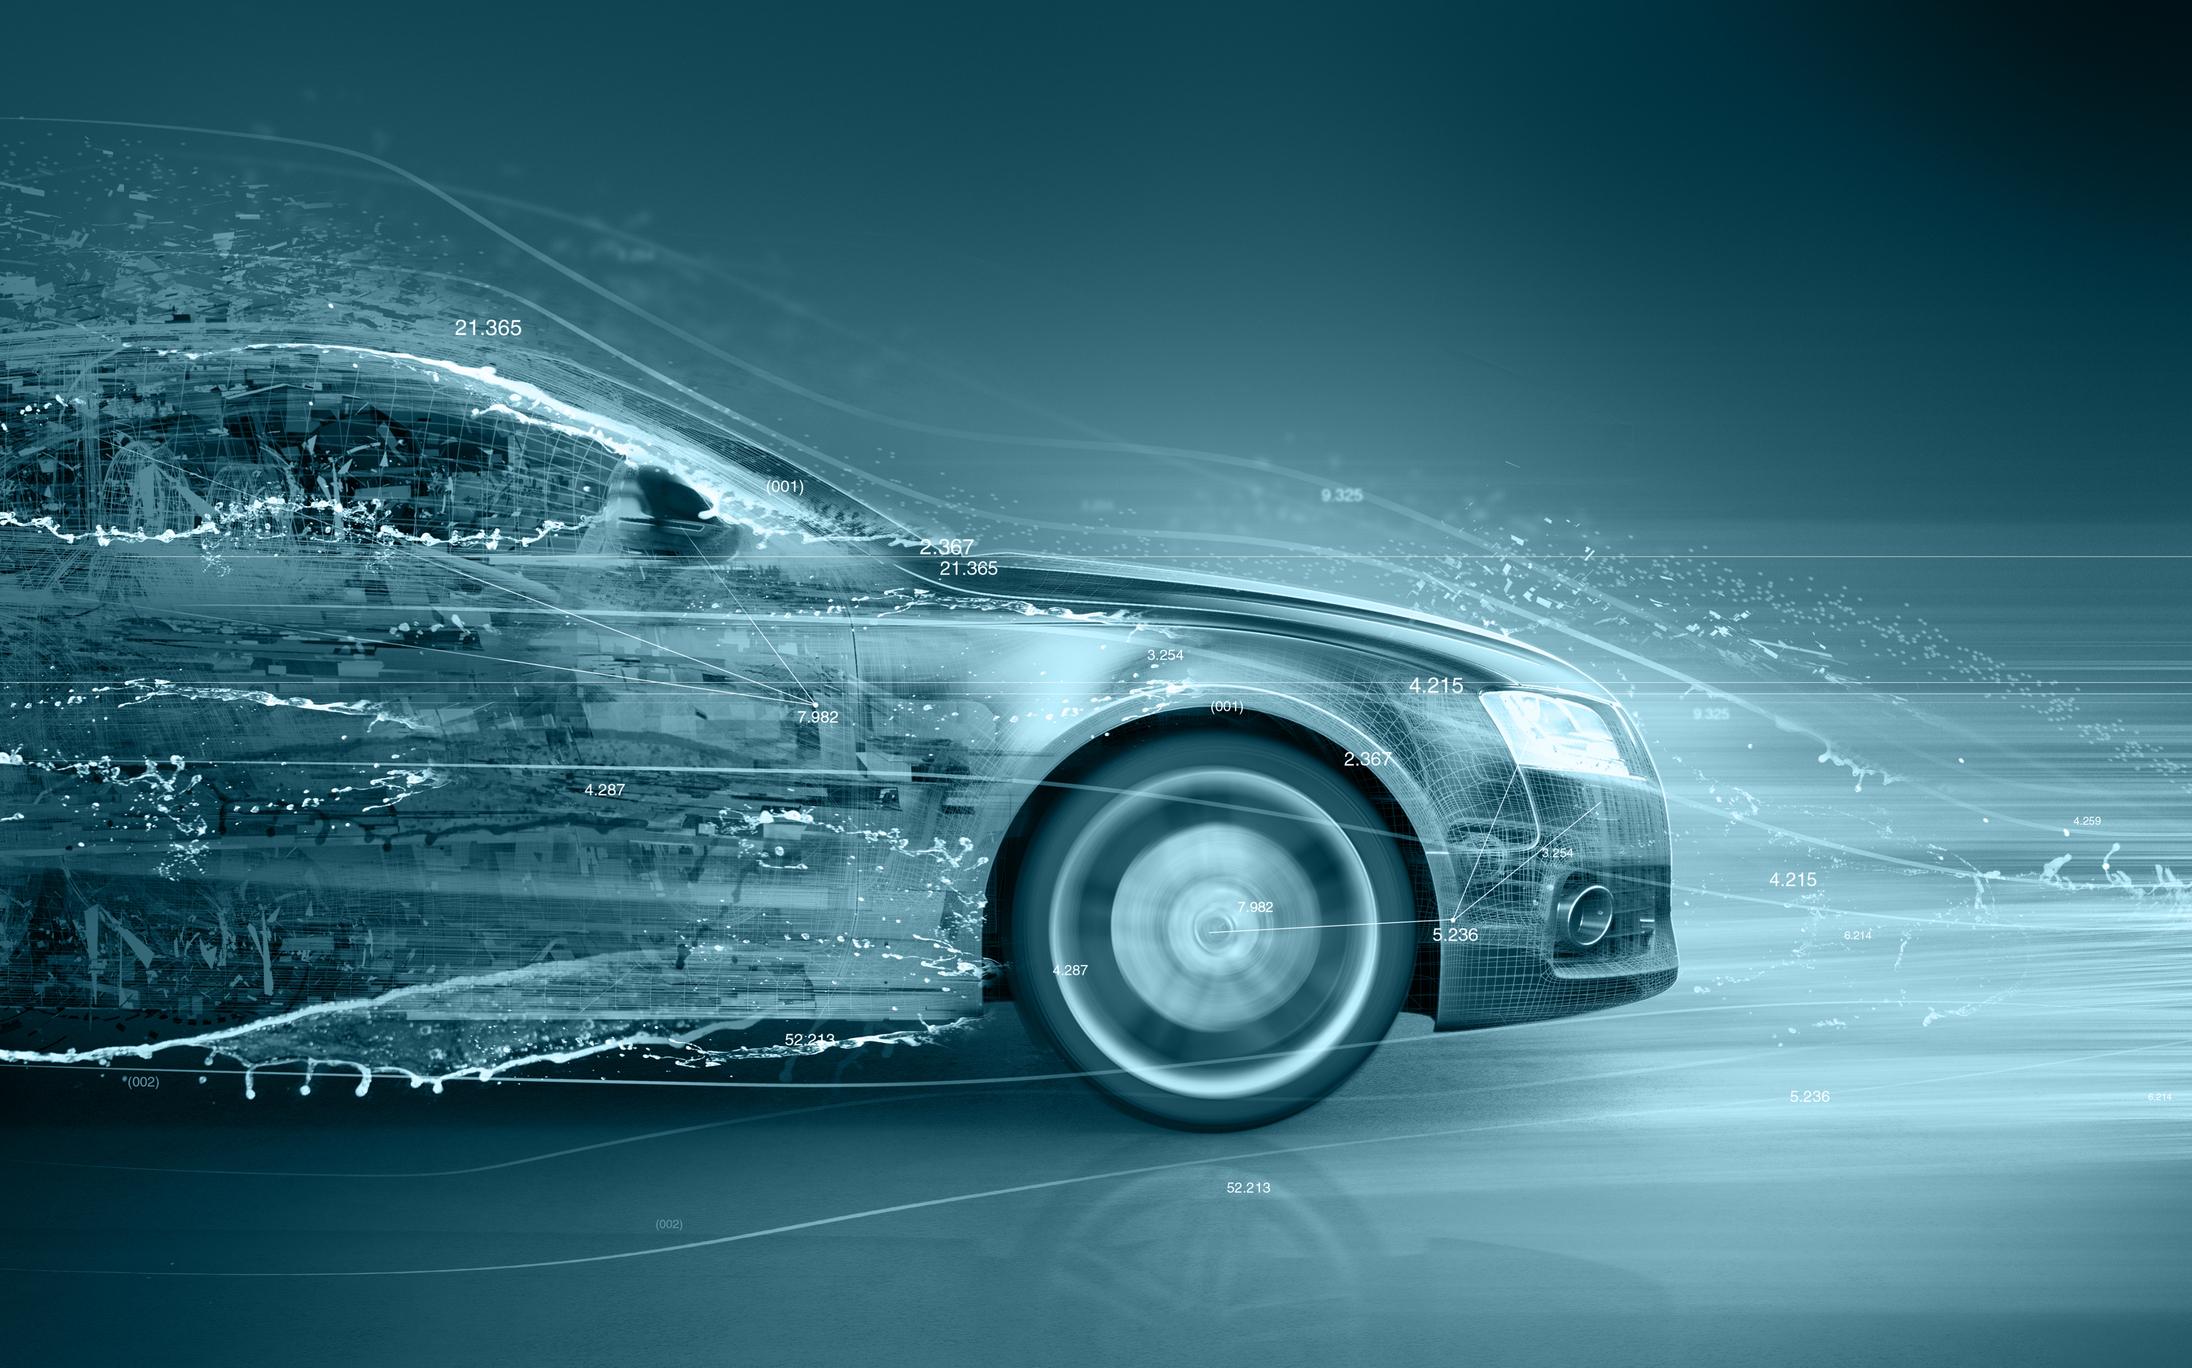 Futuristic car driving through a data storm.